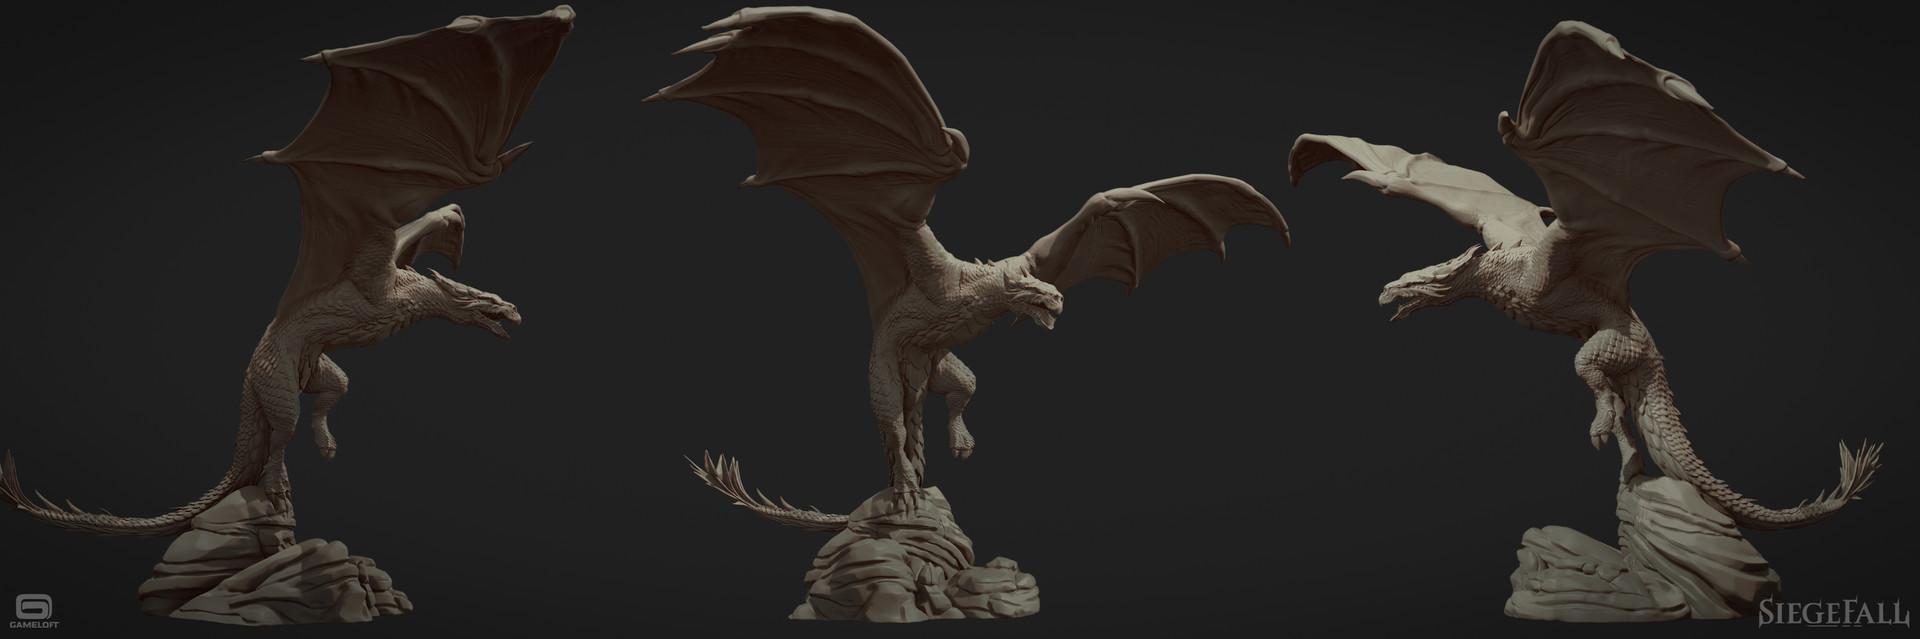 Alexandre proulx audy sculpt posed